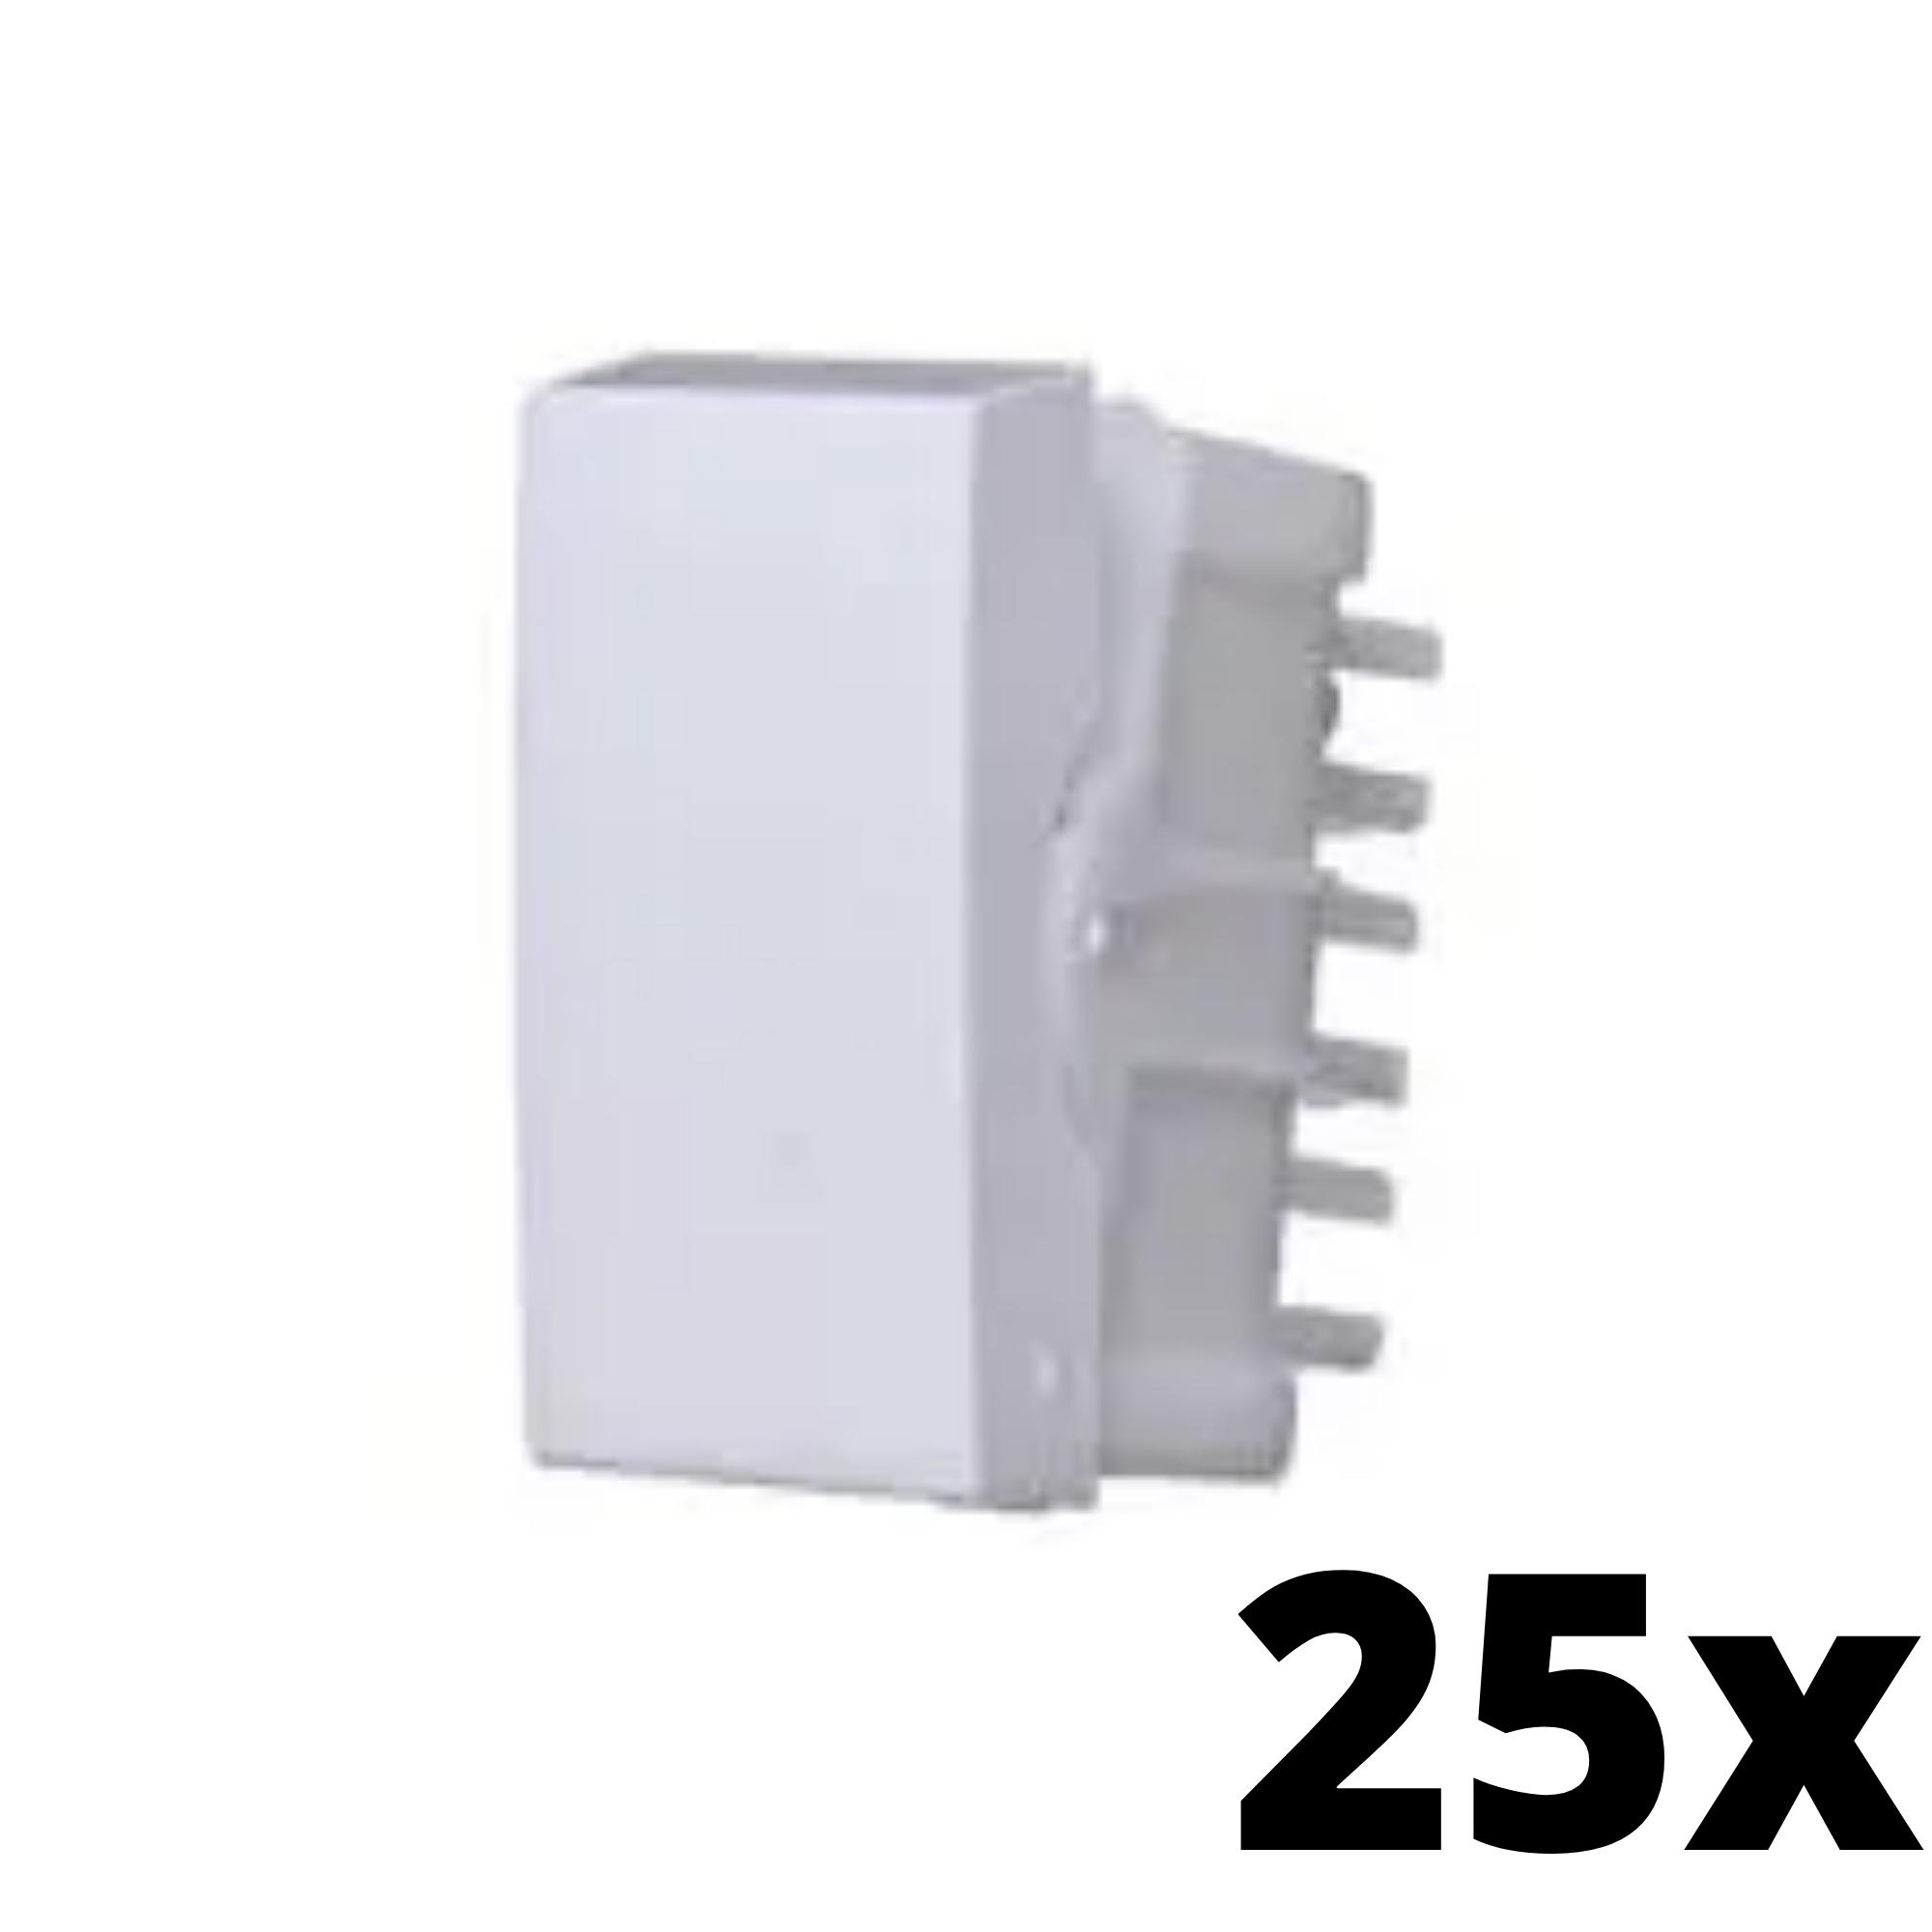 Kit 25 und Siena Módulo Interruptor Intermediário